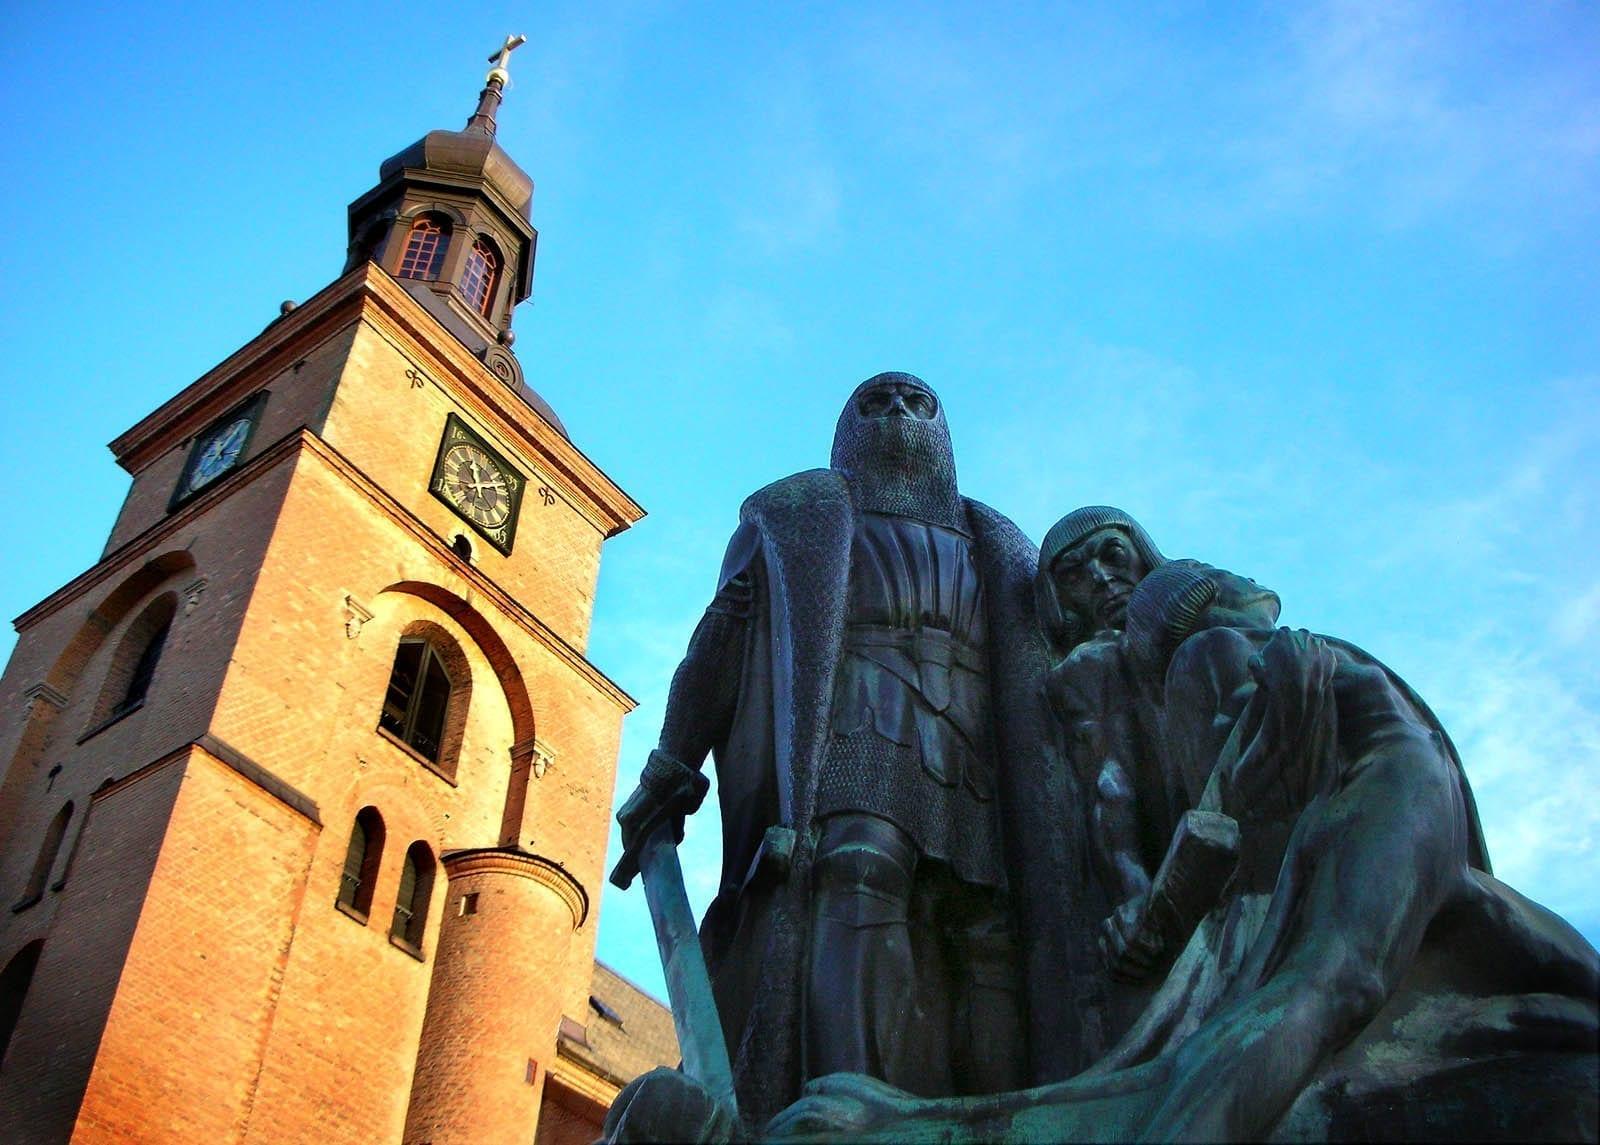 La iglesia de Kristine y la estatua de Engelbrekt, la plaza principal Falun Suecia